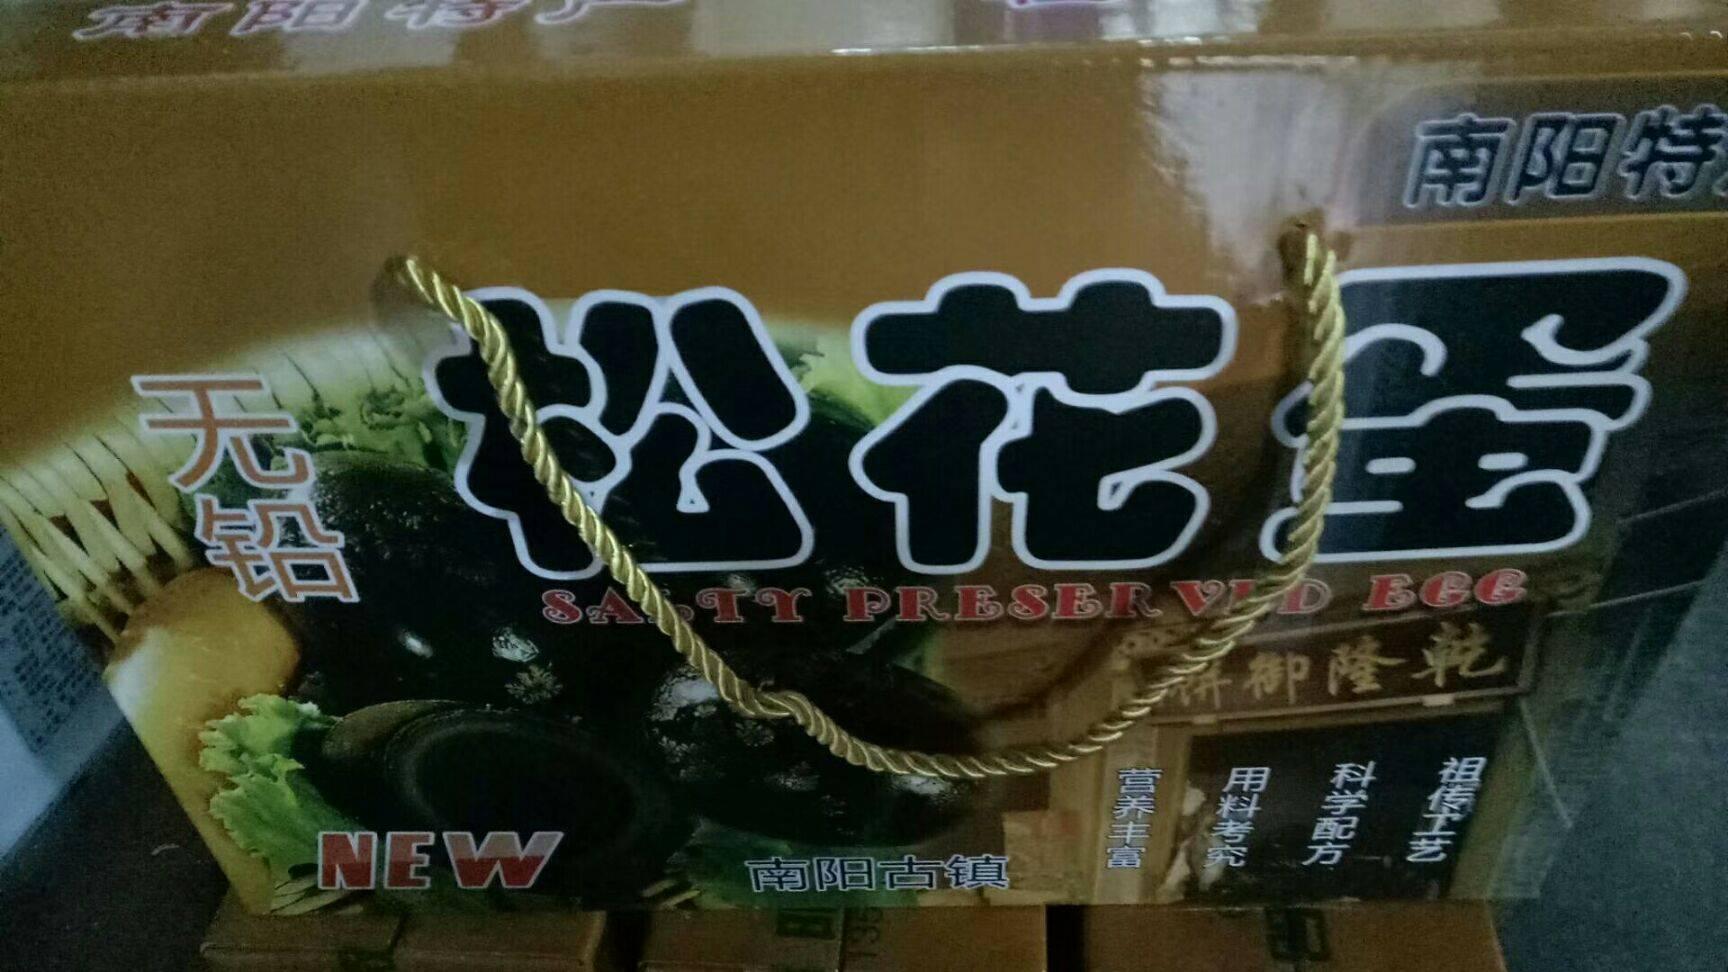 [松花皮蛋批发]松花皮蛋 价格45元/箱